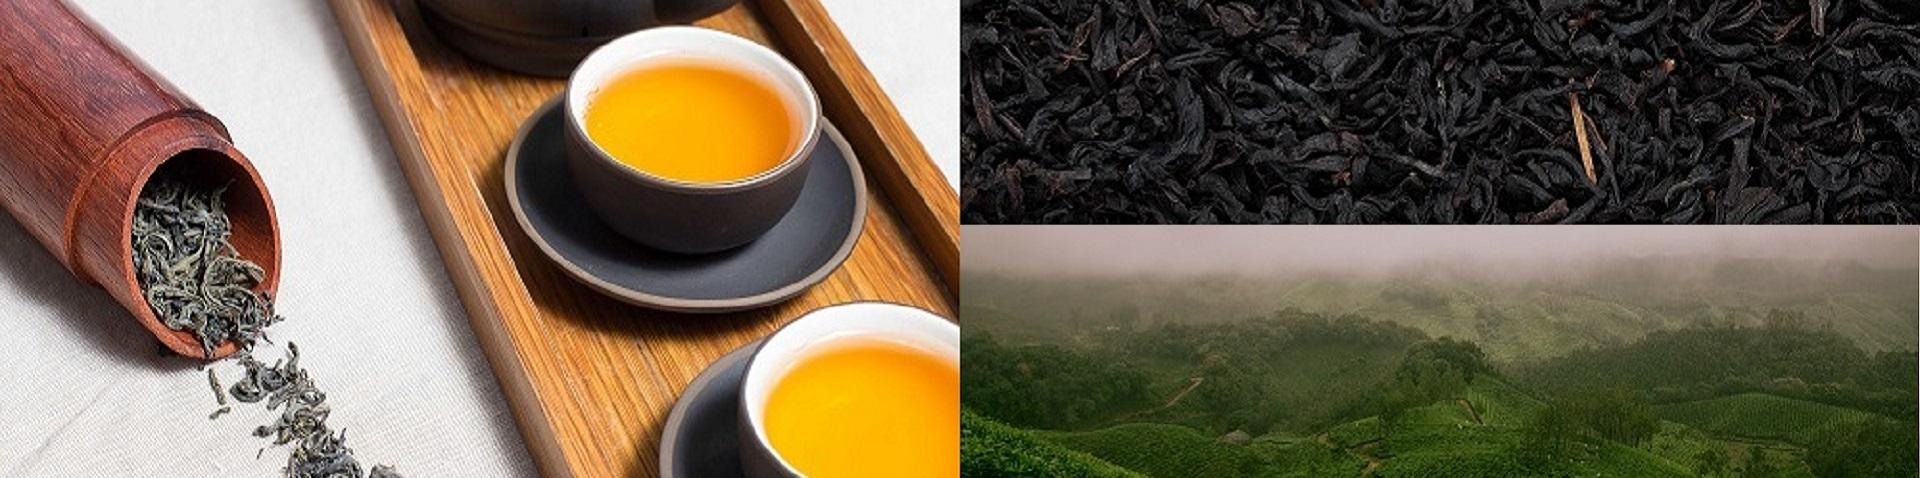 Branding Over Tea